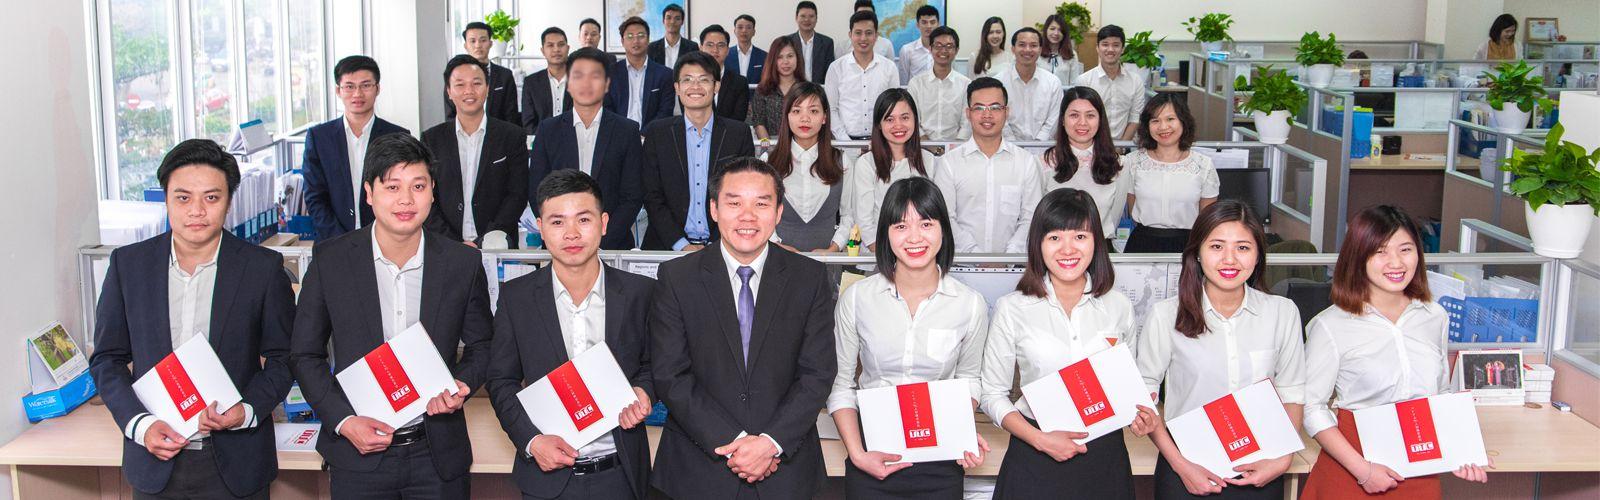 Video giới thiệu về công ty cổ phần nhân lực MD Việt Nam